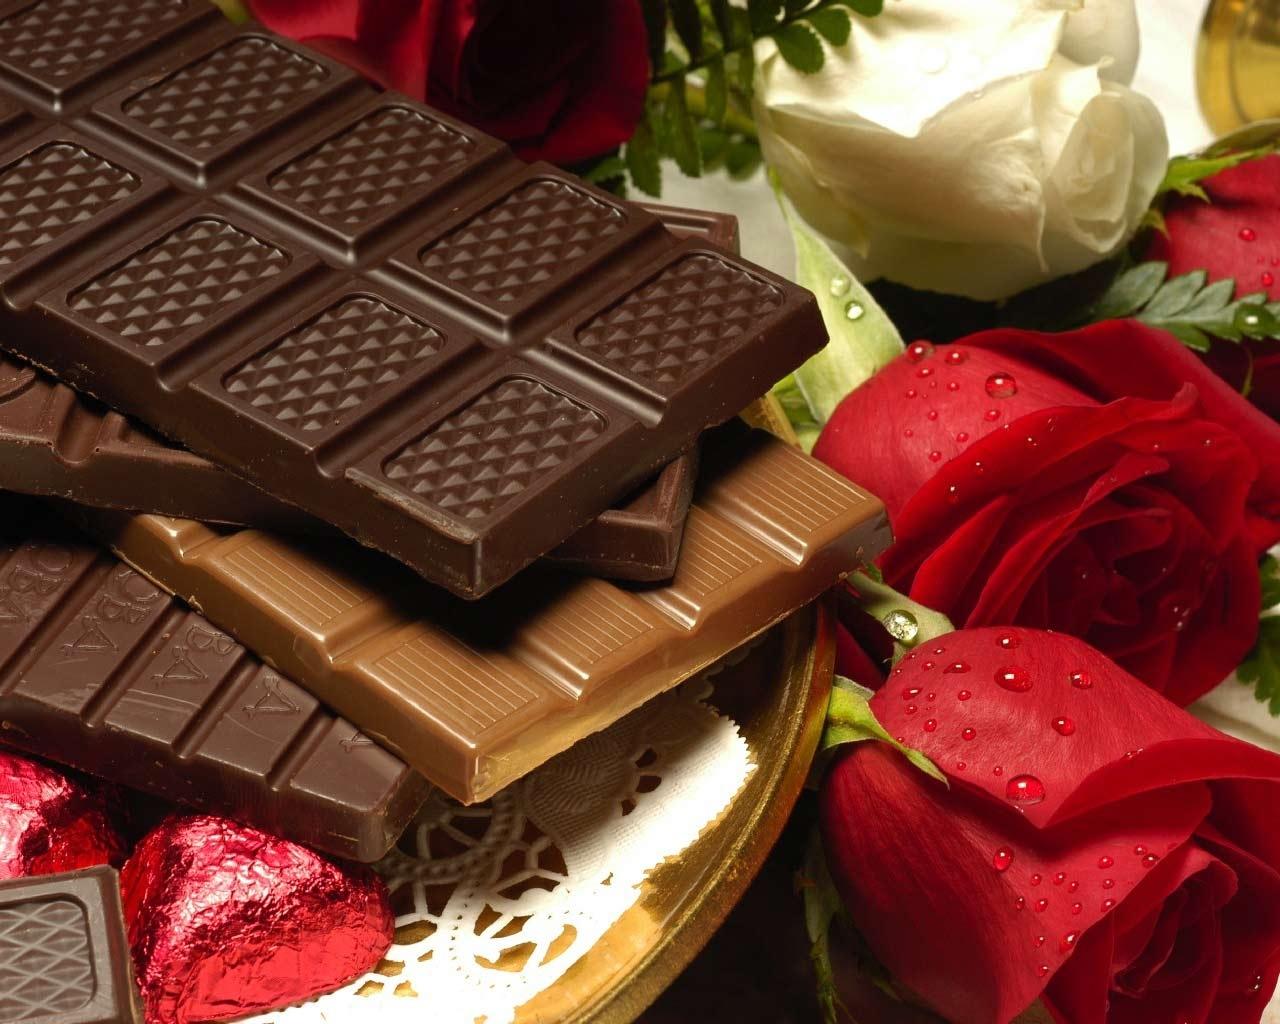 17019 économiseurs d'écran et fonds d'écran Saint Valentin sur votre téléphone. Téléchargez Fêtes, Fleurs, Nourriture, Roses, Desserts, Chocolat, Saint Valentin images gratuitement